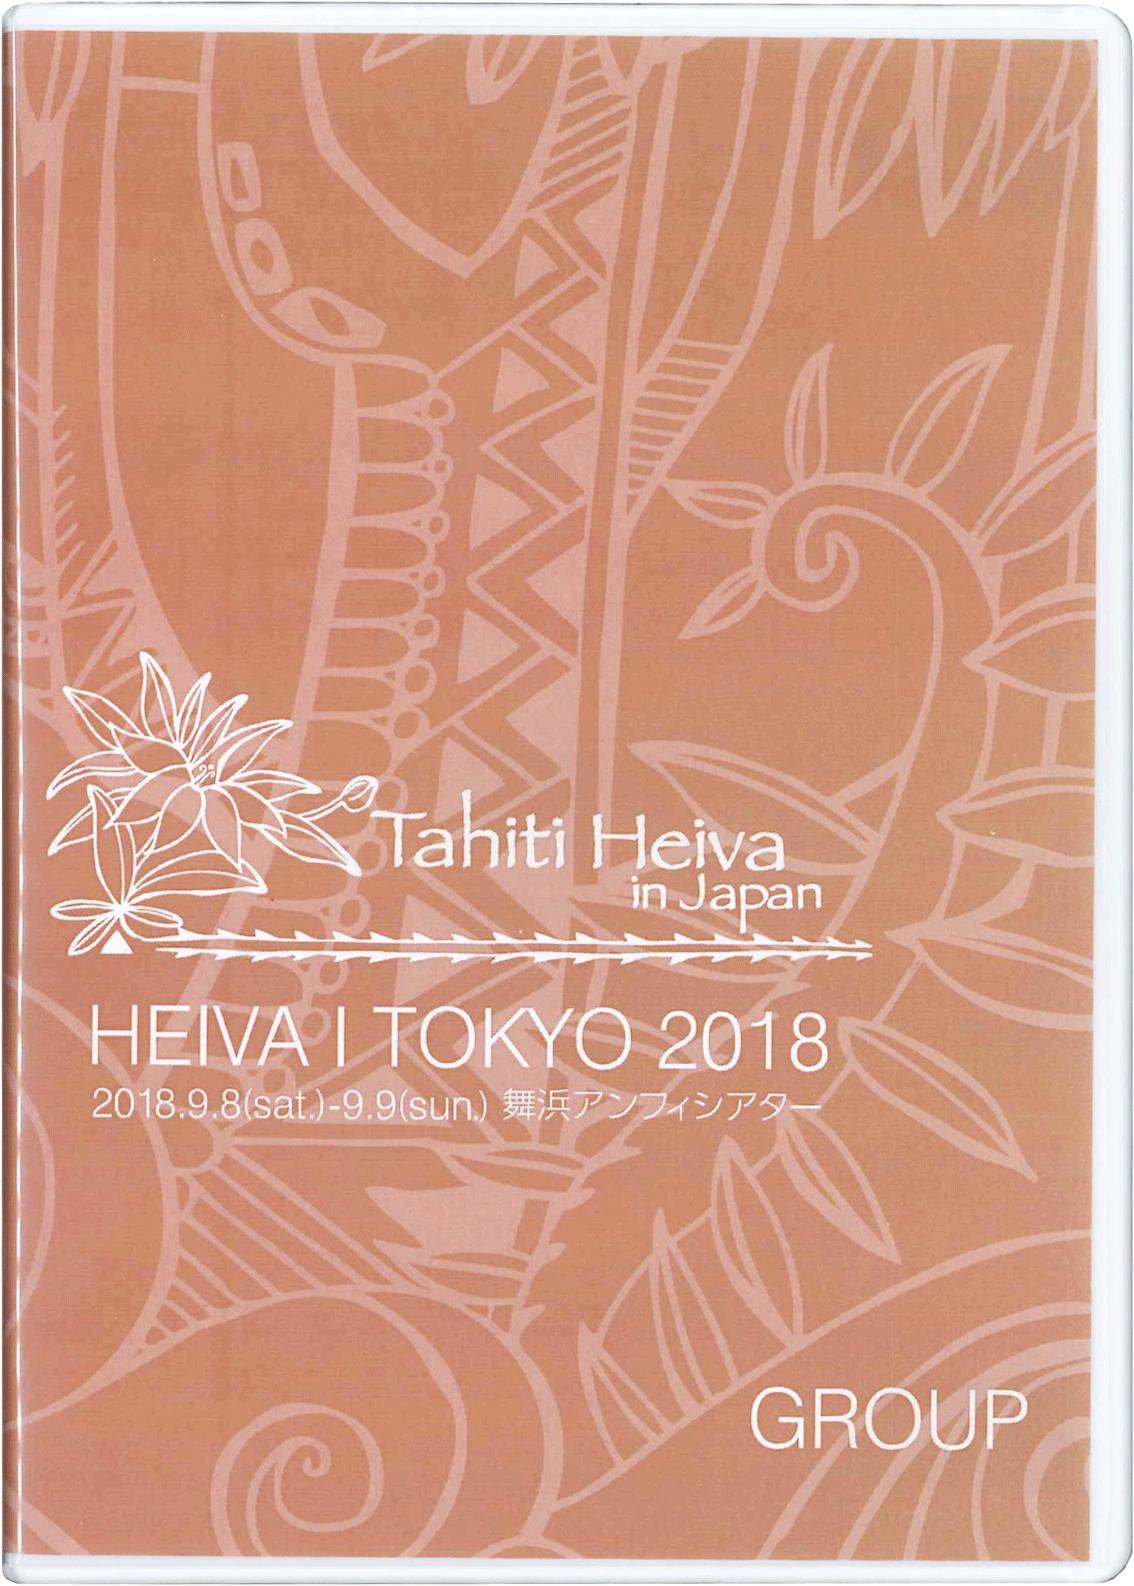 HEIVA I TOKYO 2018 DVD 【GROUP】